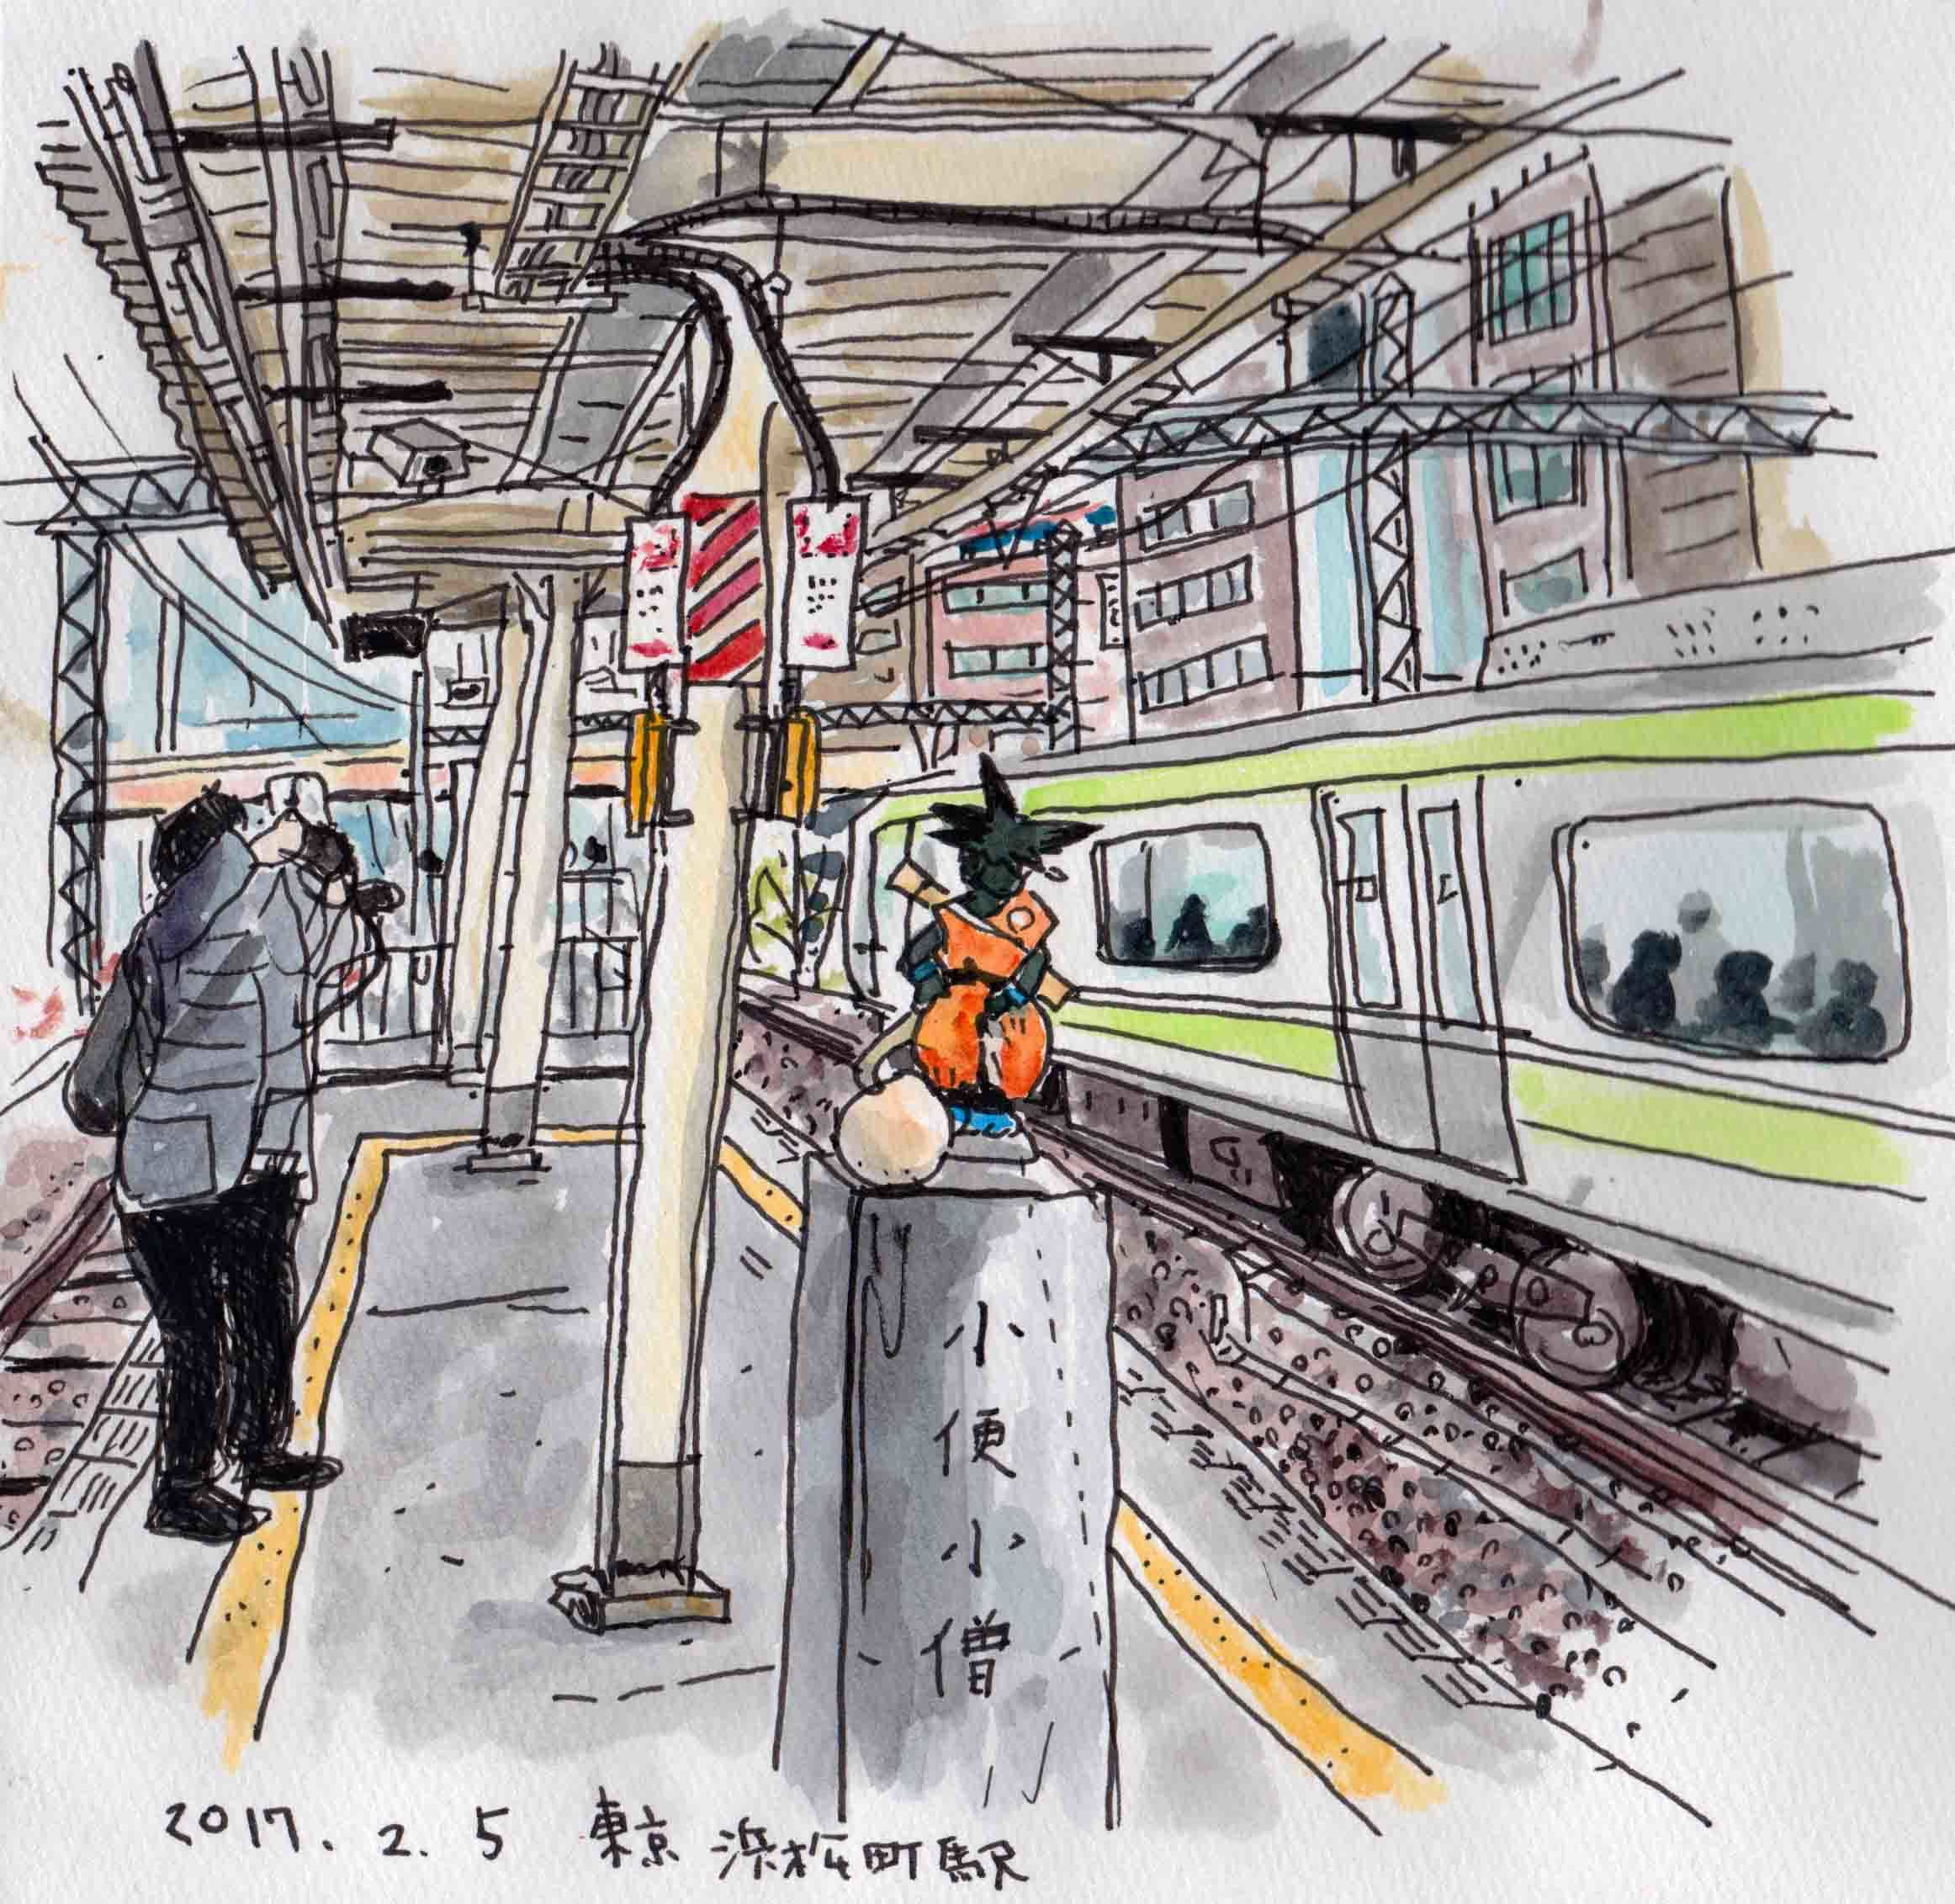 浜松町駅ホームのスケッチ_f0072976_22370452.jpeg